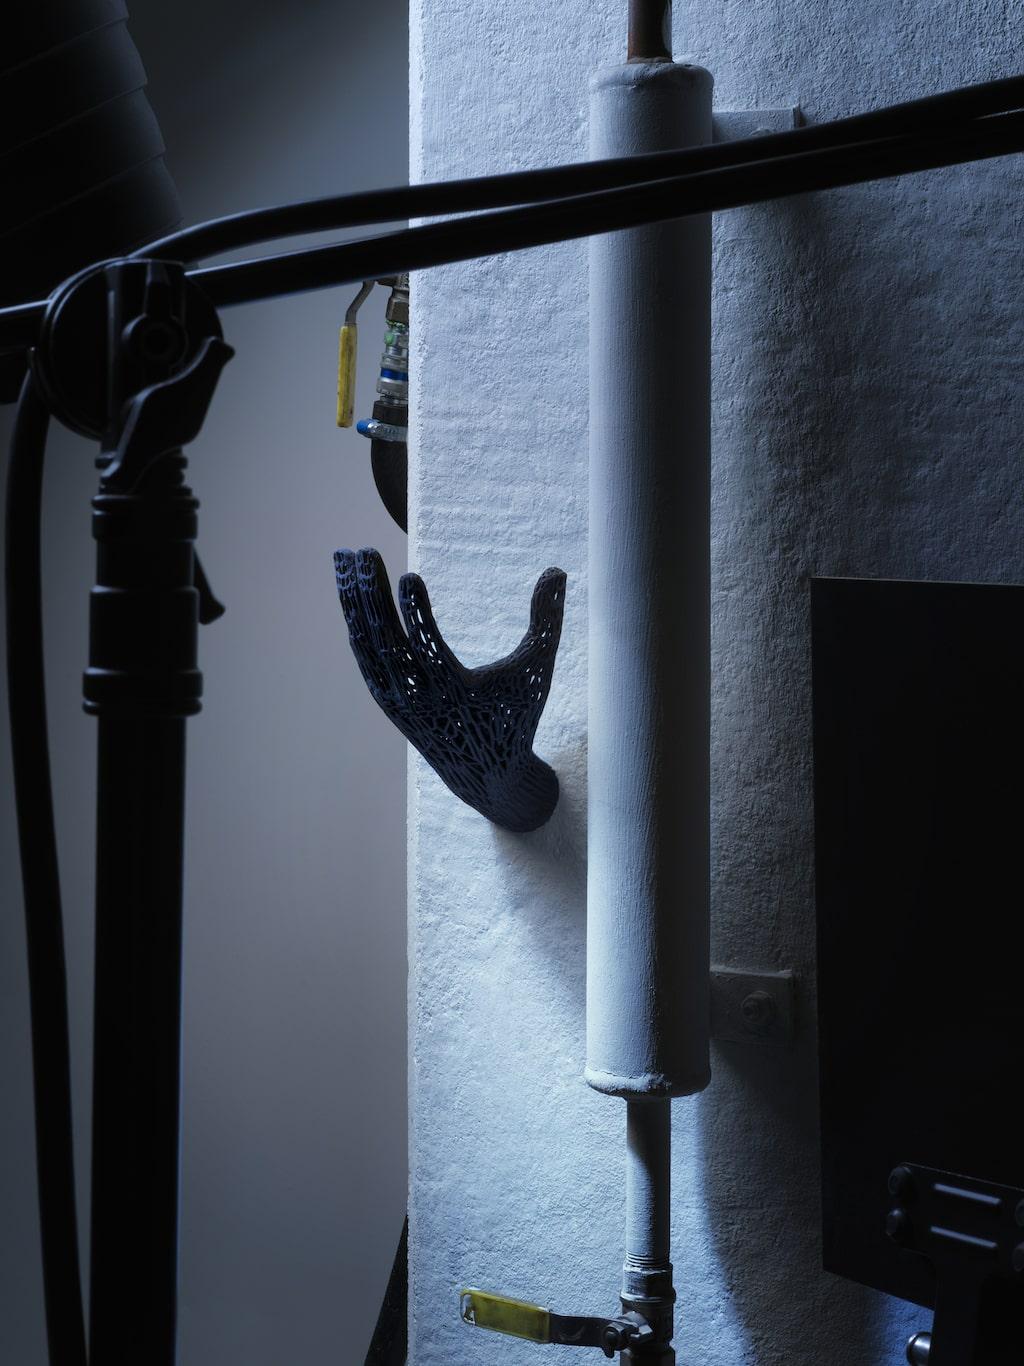 Sätt upp handen på väggen och häng smycken på, eller varför inte handdukar?